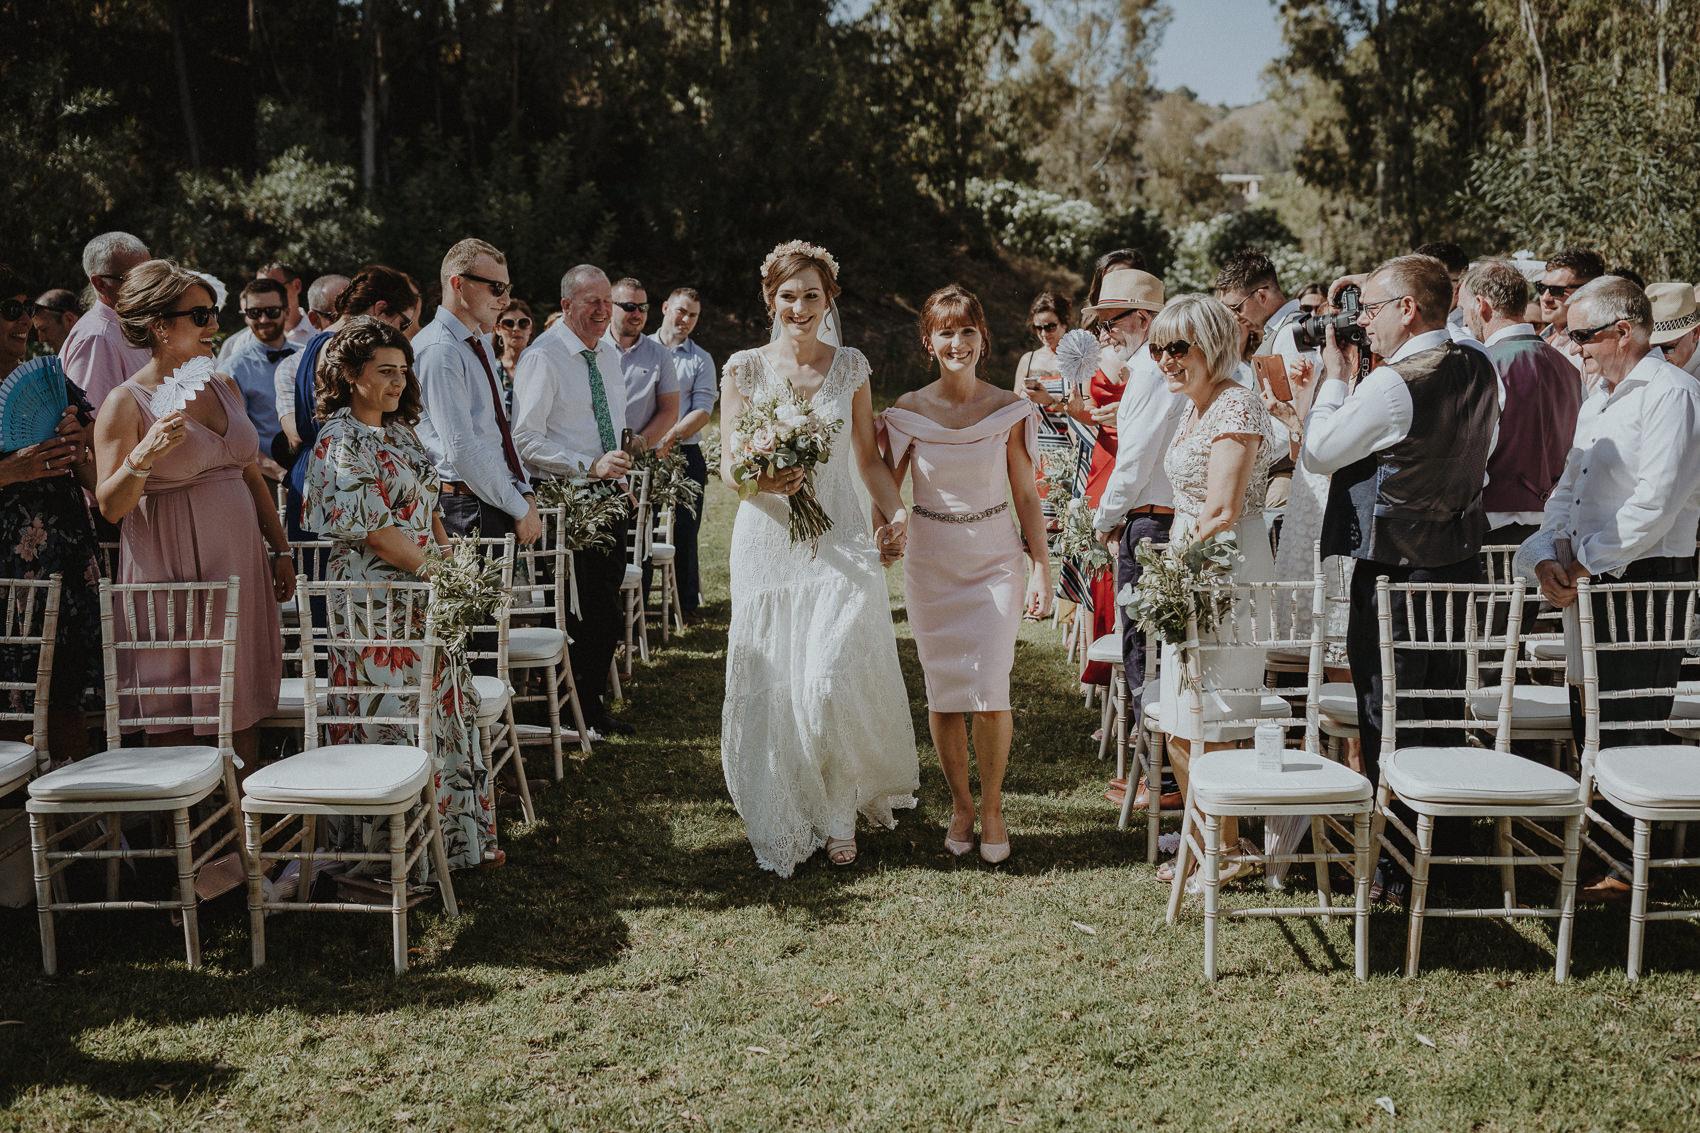 Sarah & Bill | Summer wedding at Cortijo Rosa Blanca | Marbella - Spain 70